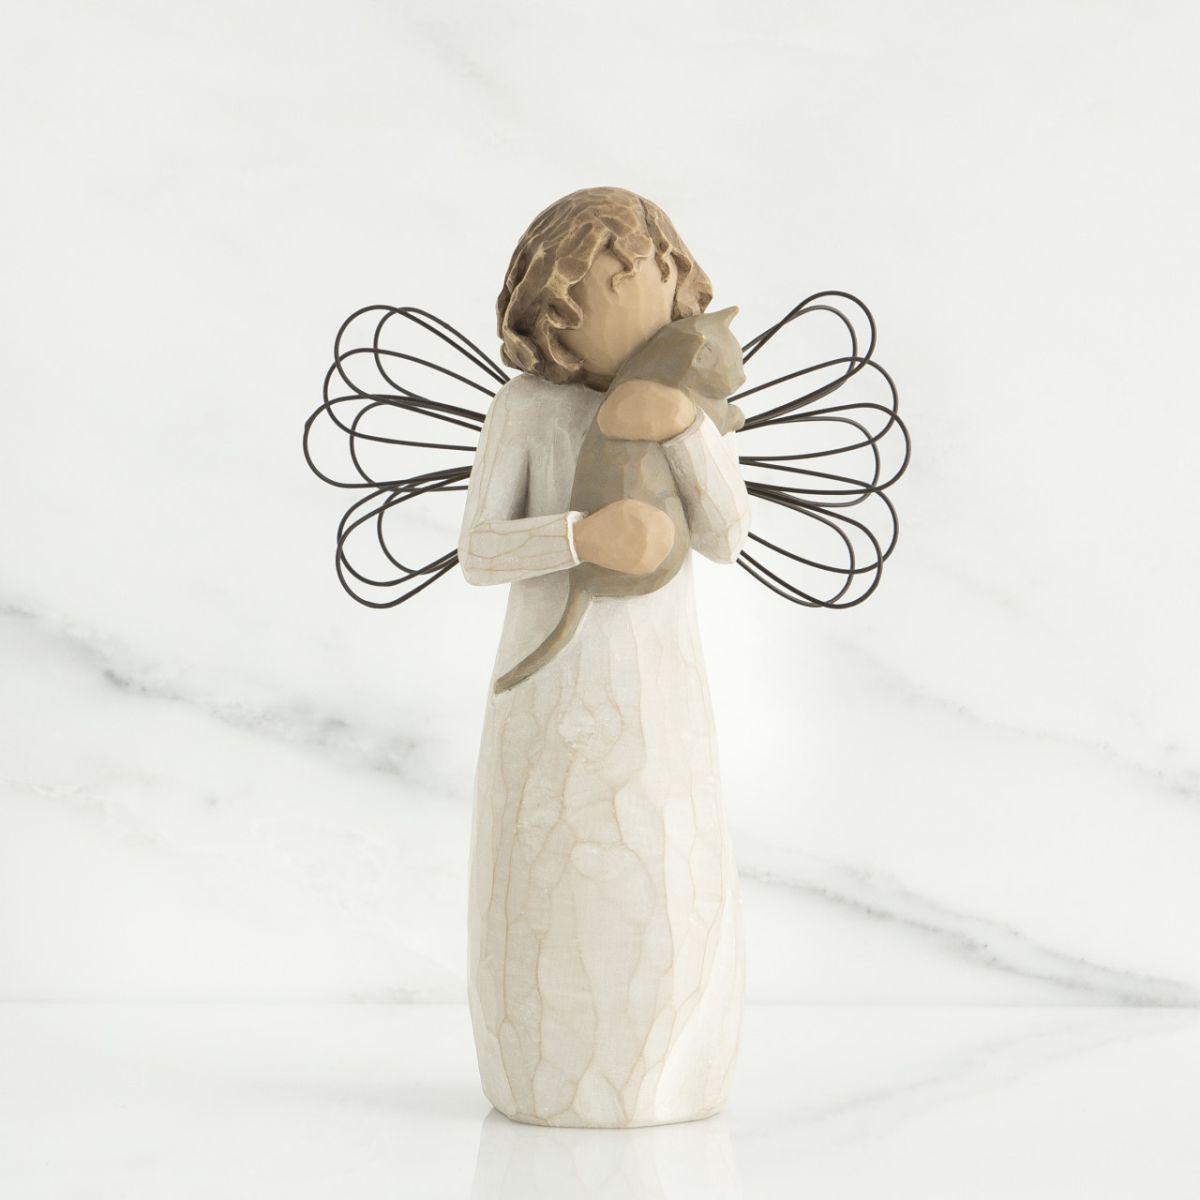 ウィローツリー天使像 愛情を込めて | 猫 おしゃれな天使の置物 大人向け フィギュア 人形 インテリア雑貨 Willow Tree With Affection 正規輸入品